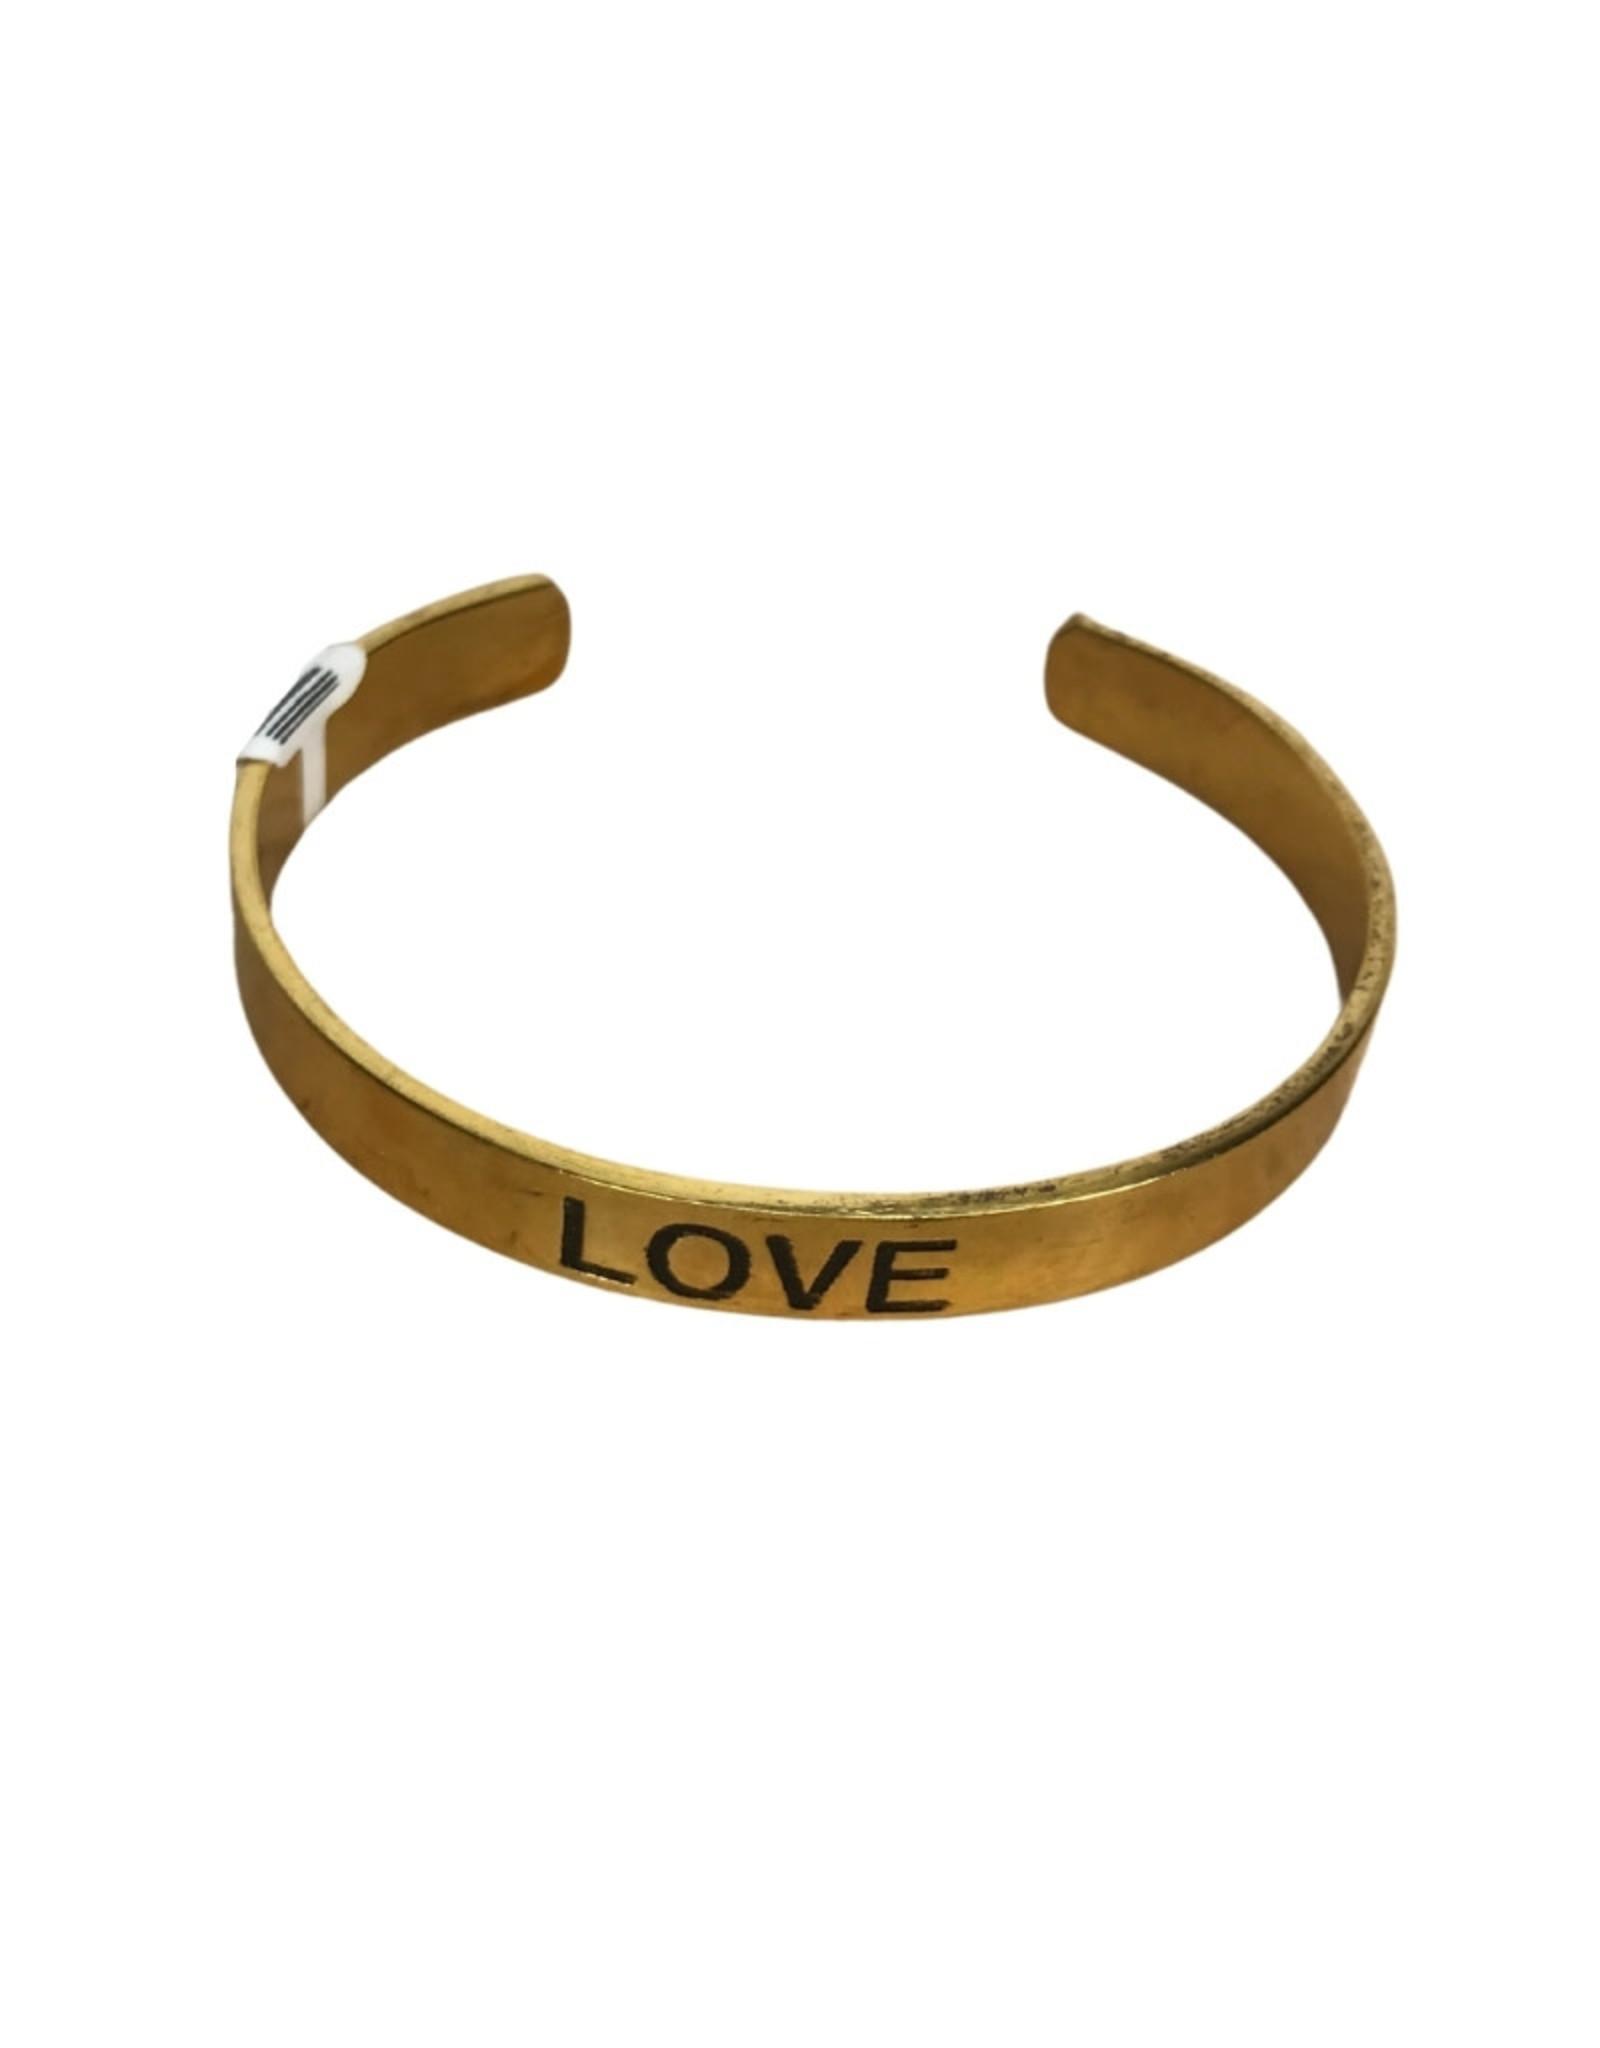 Brass Love Cuff